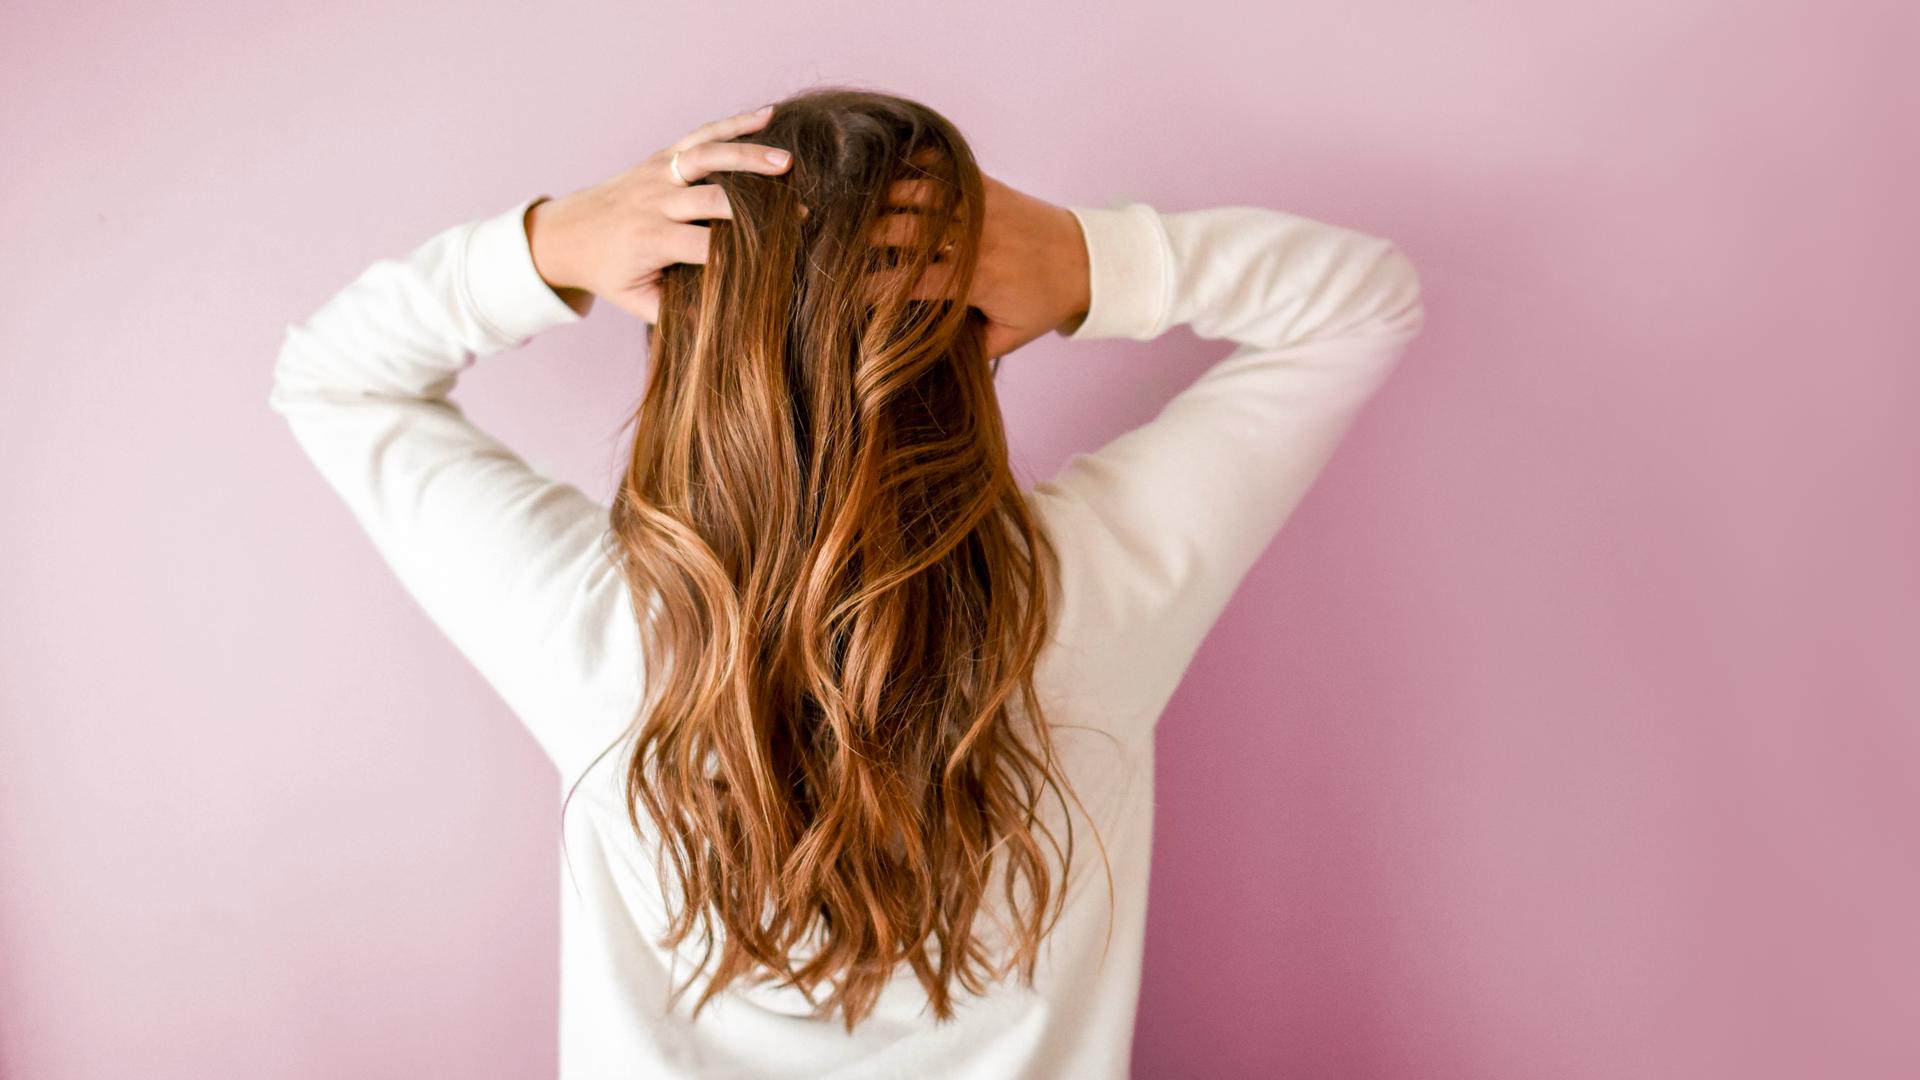 ماسكات طبيعية تساعدك على علاج فراغات الشعر